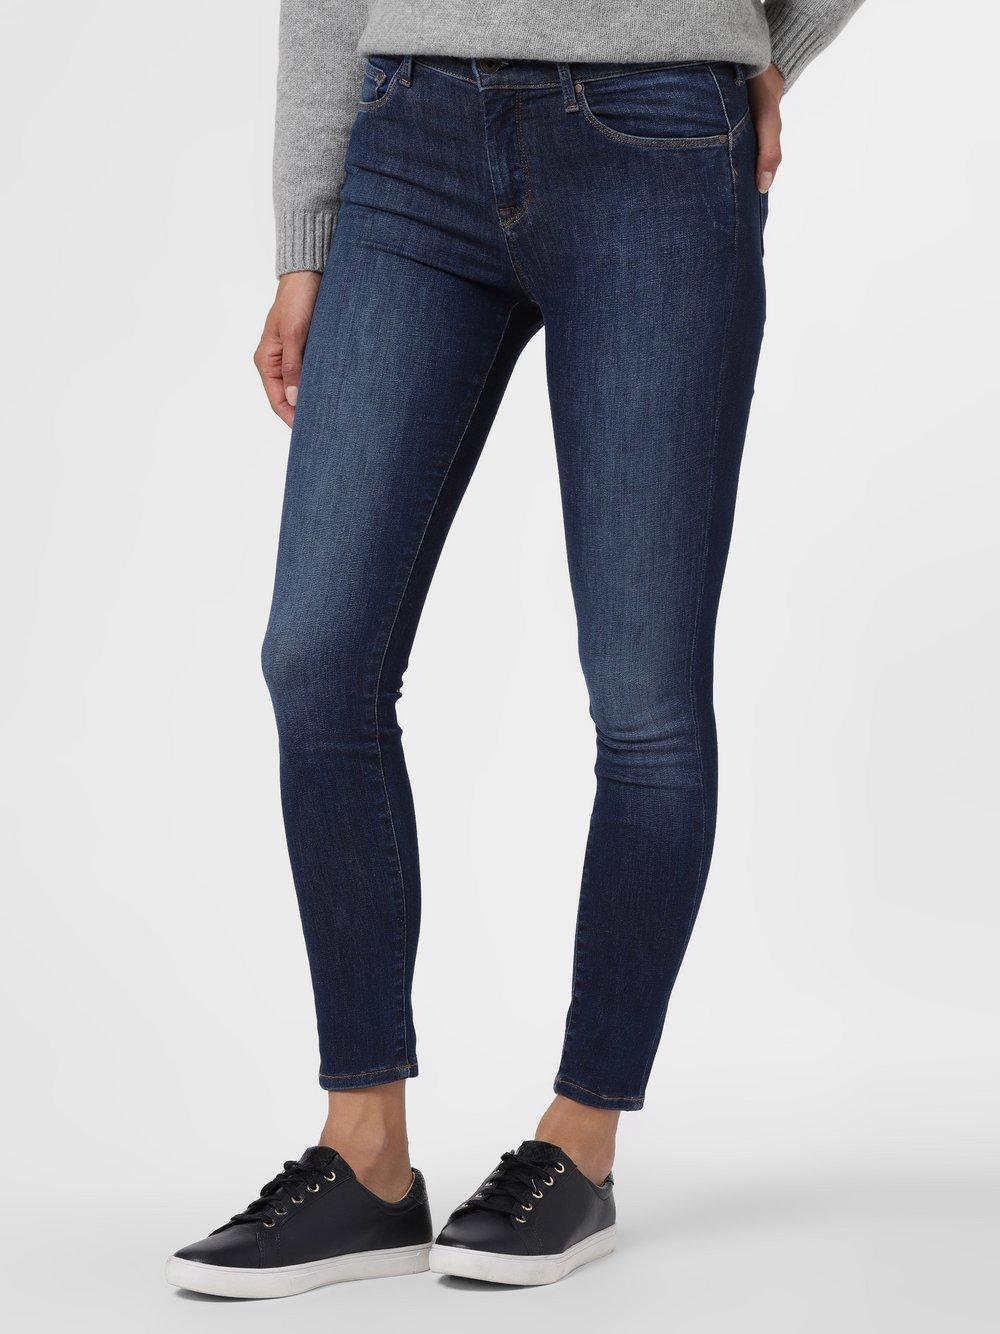 Pepe Jeans - Jeansy damskie – Zoe, niebieski